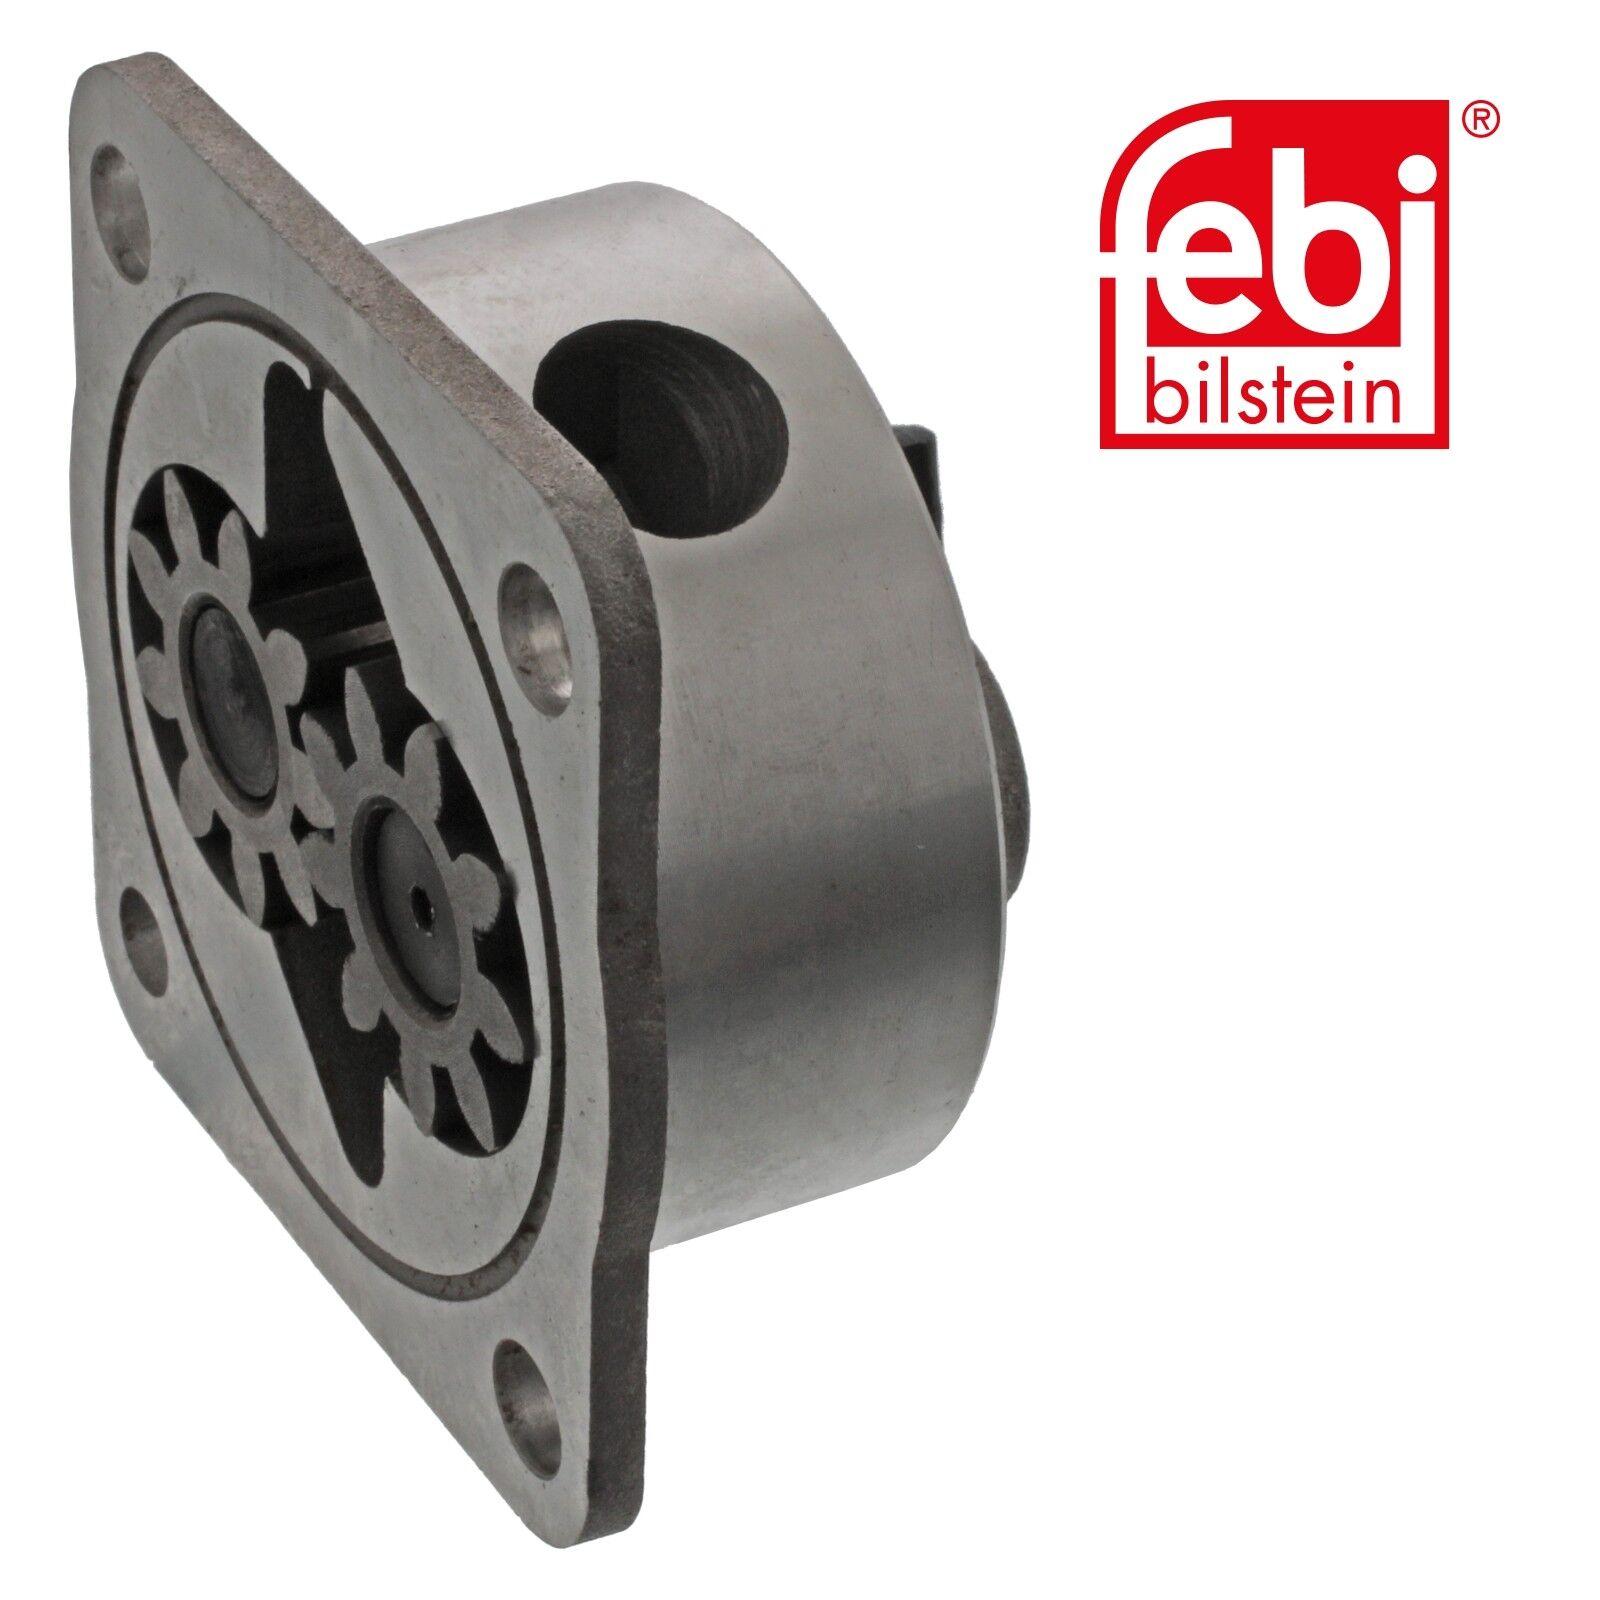 Set Montierhebel Montiereisen 600mm HRB Profi Montiereisen verschiedene Gr/ö/ßen 300-600 mm oder als 4tlg